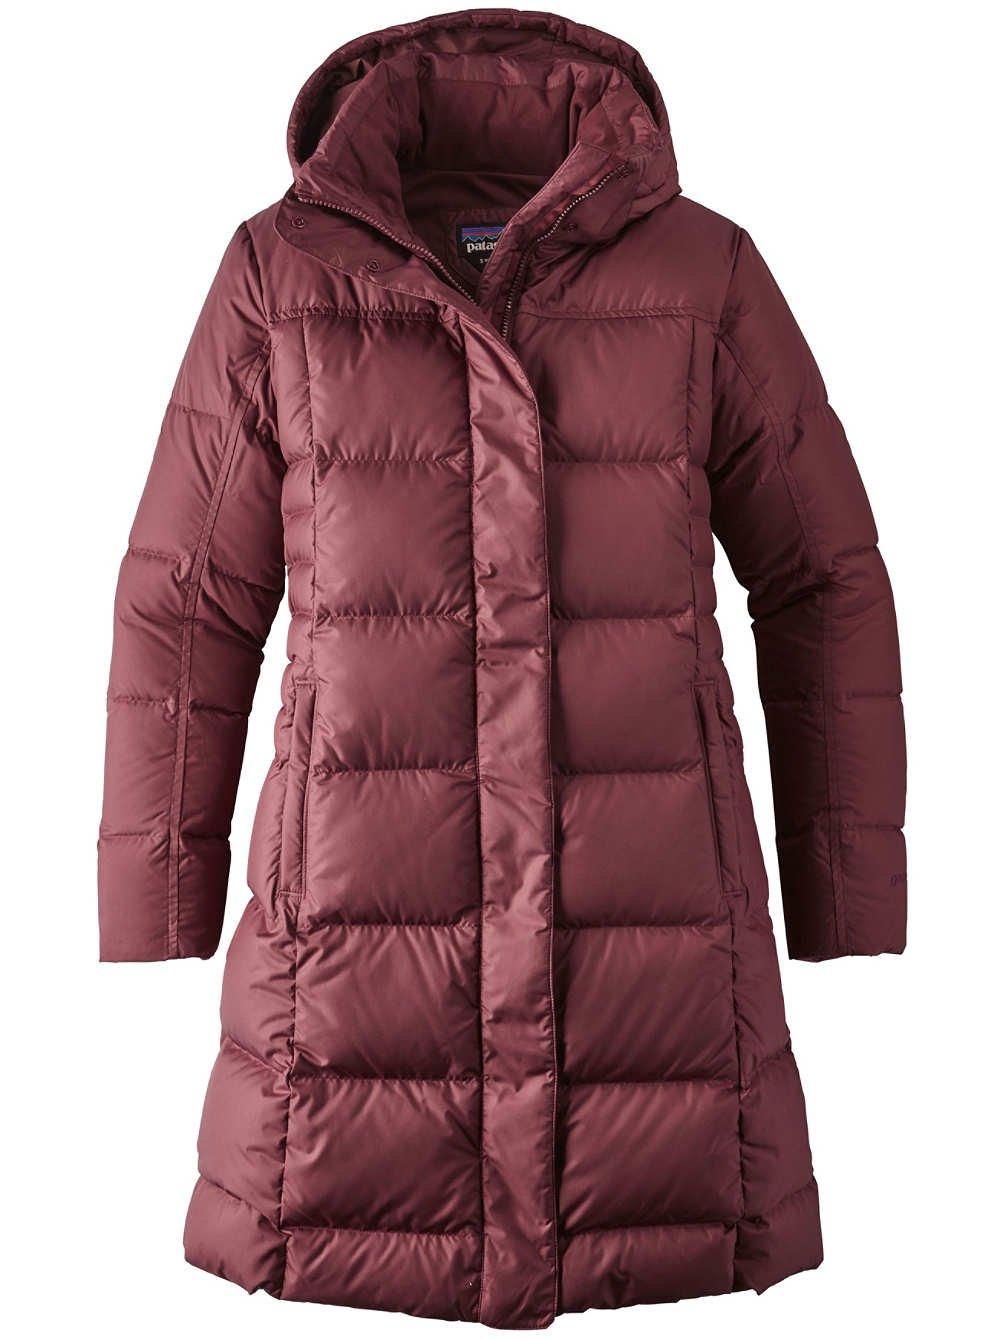 Patagonia Parka Womens Style : 28439-DAK Size : XL